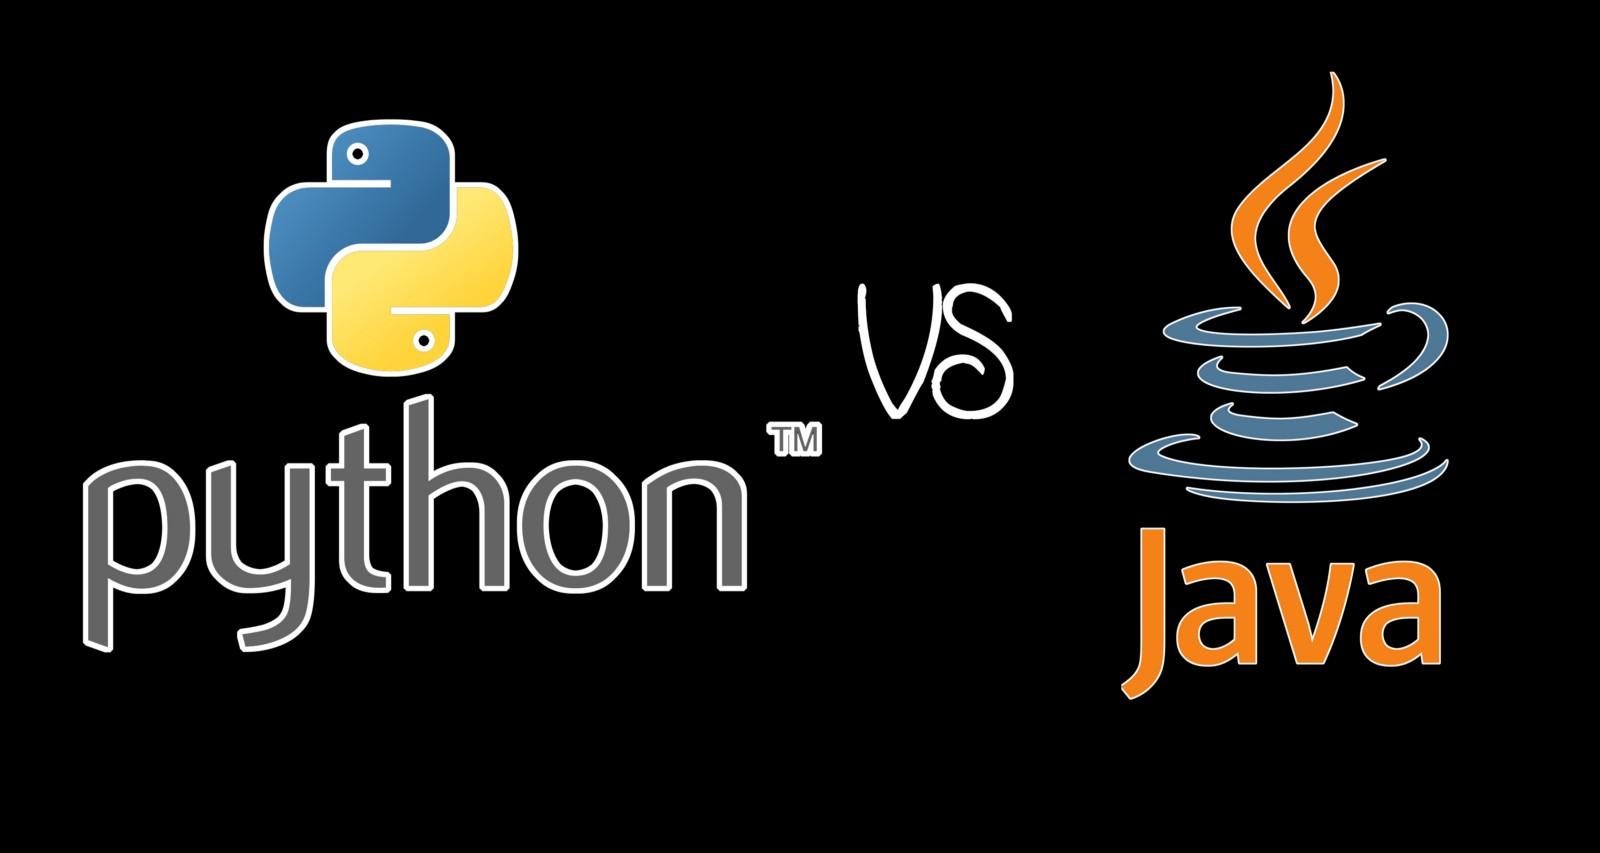 Почему программисты продолжают использовать многословный Java, хотя есть лаконичный Python - 1